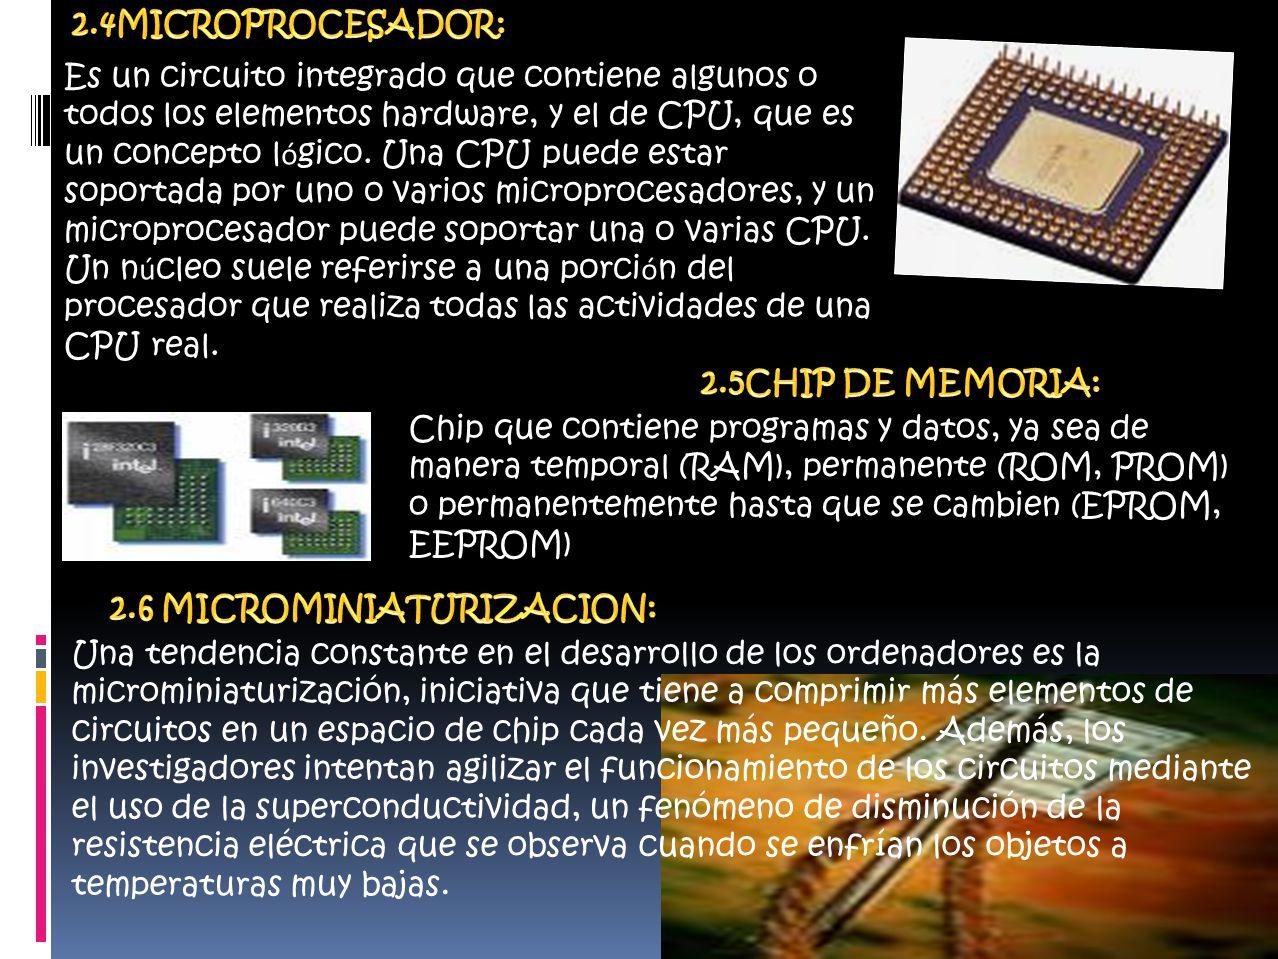 Es un circuito integrado que contiene algunos o todos los elementos hardware, y el de CPU, que es un concepto l ó gico.